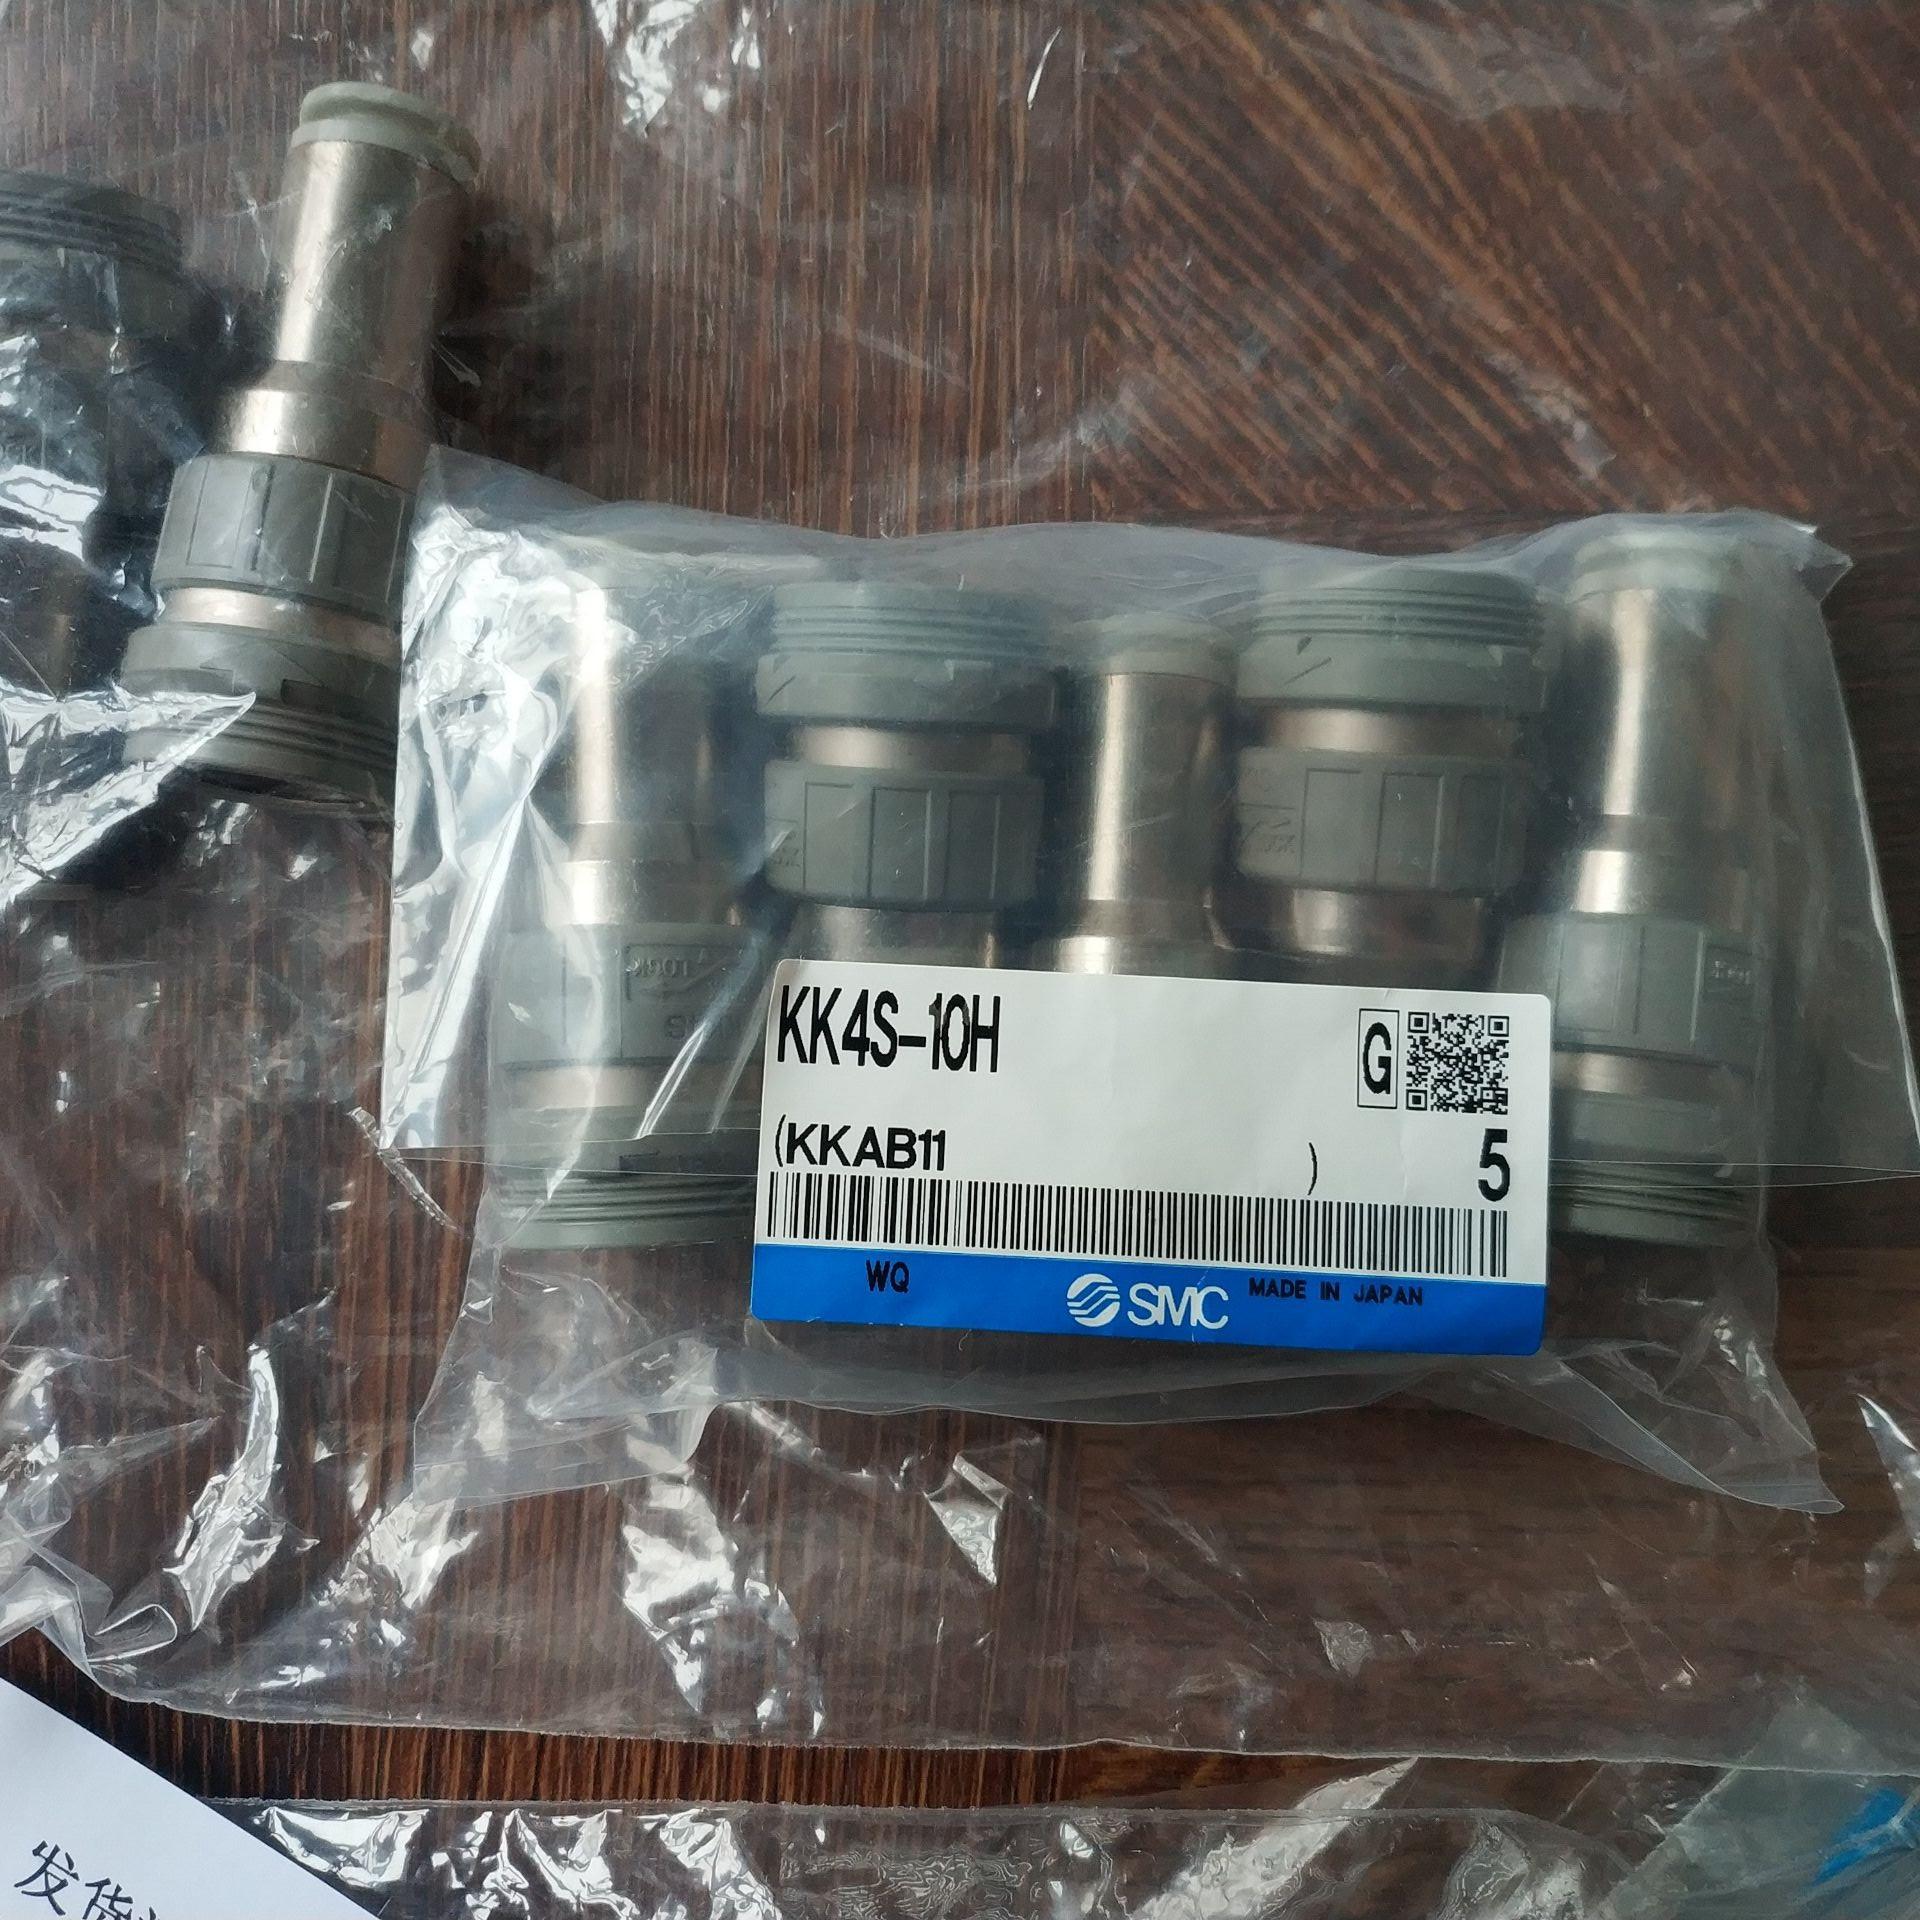 Đầu nối SMC KK4S-10H